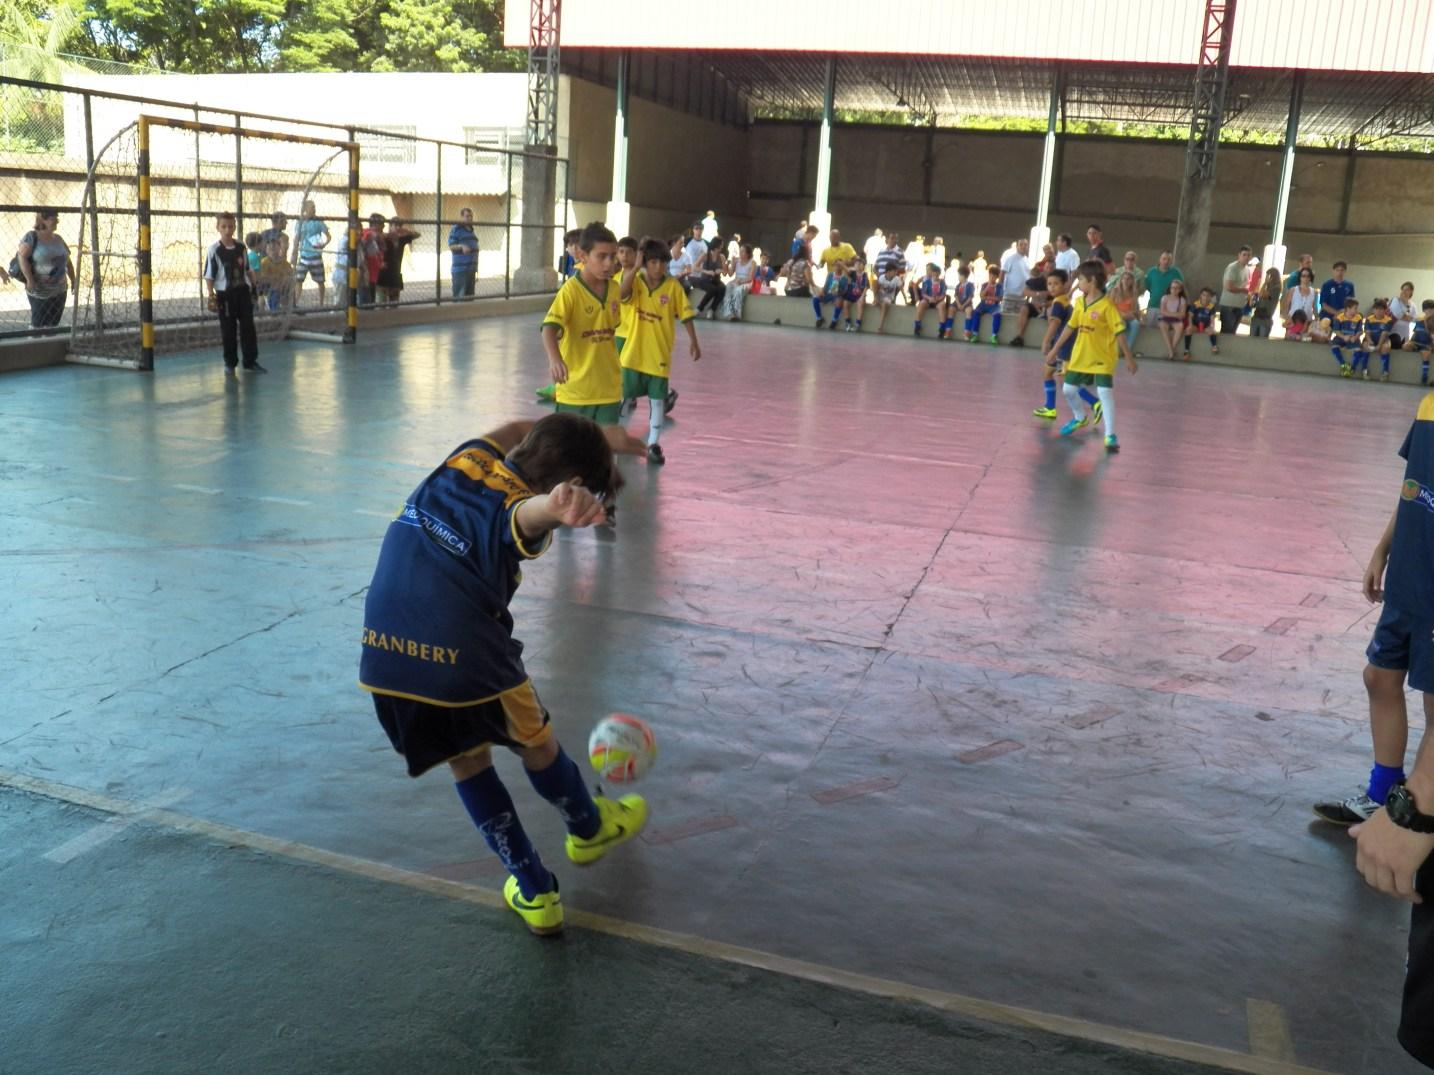 Toque de Bola marca presença em partidas da http://www.toquedebola.esp.br/noticias/2014/04/tupi-x-fluminense-pela-copa-do-brasil-no-dia-23-em-juiz-de-fora Copa PJF Bahamas de Futsal